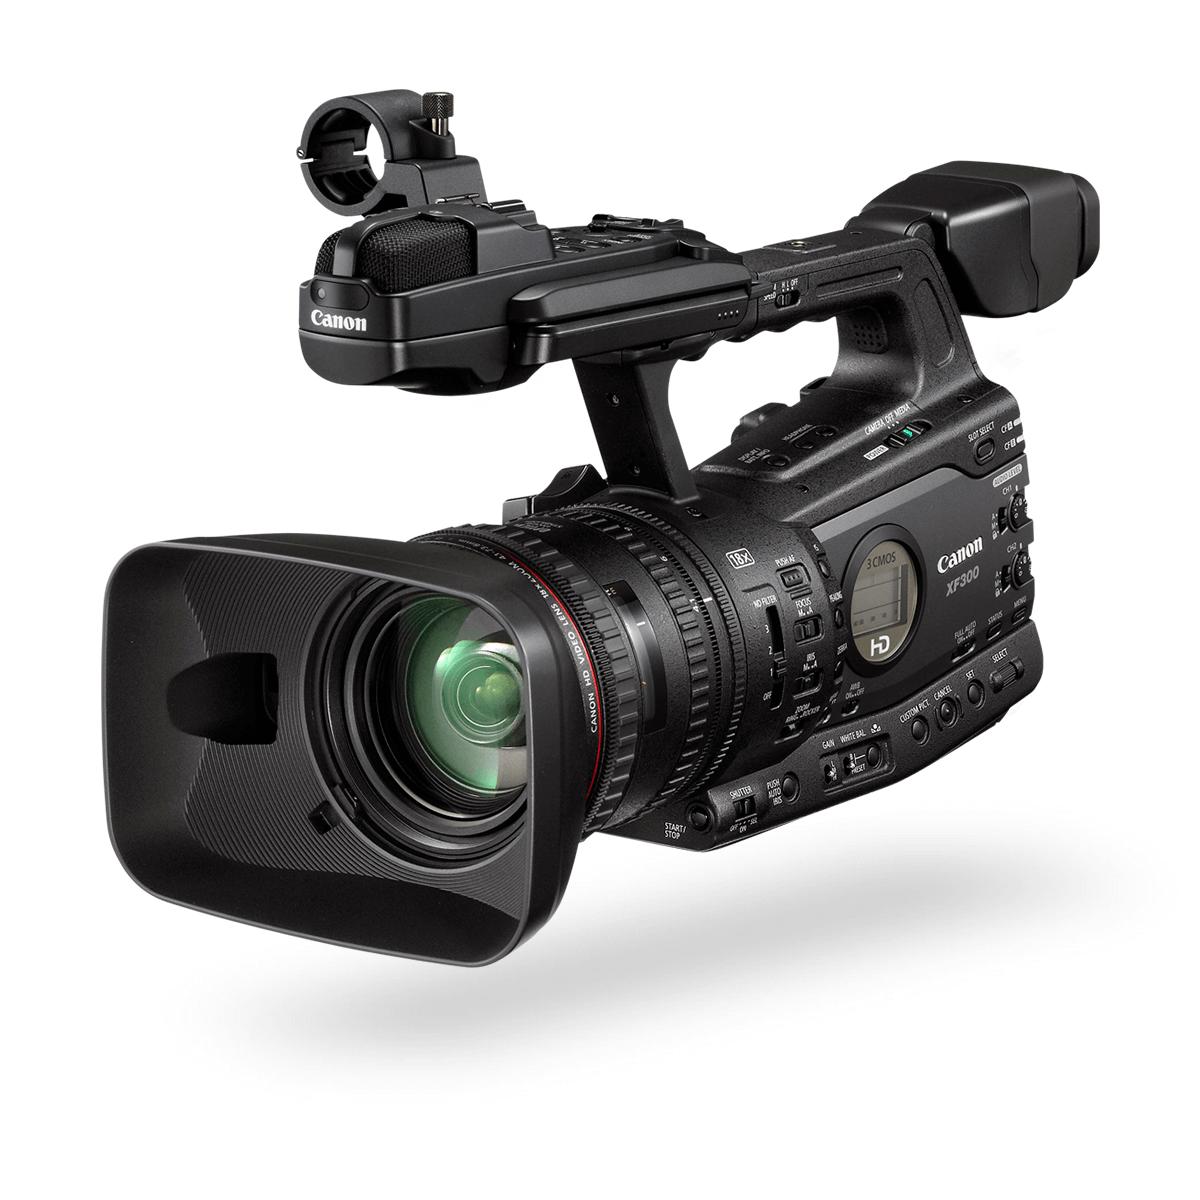 XF300 Pro DV